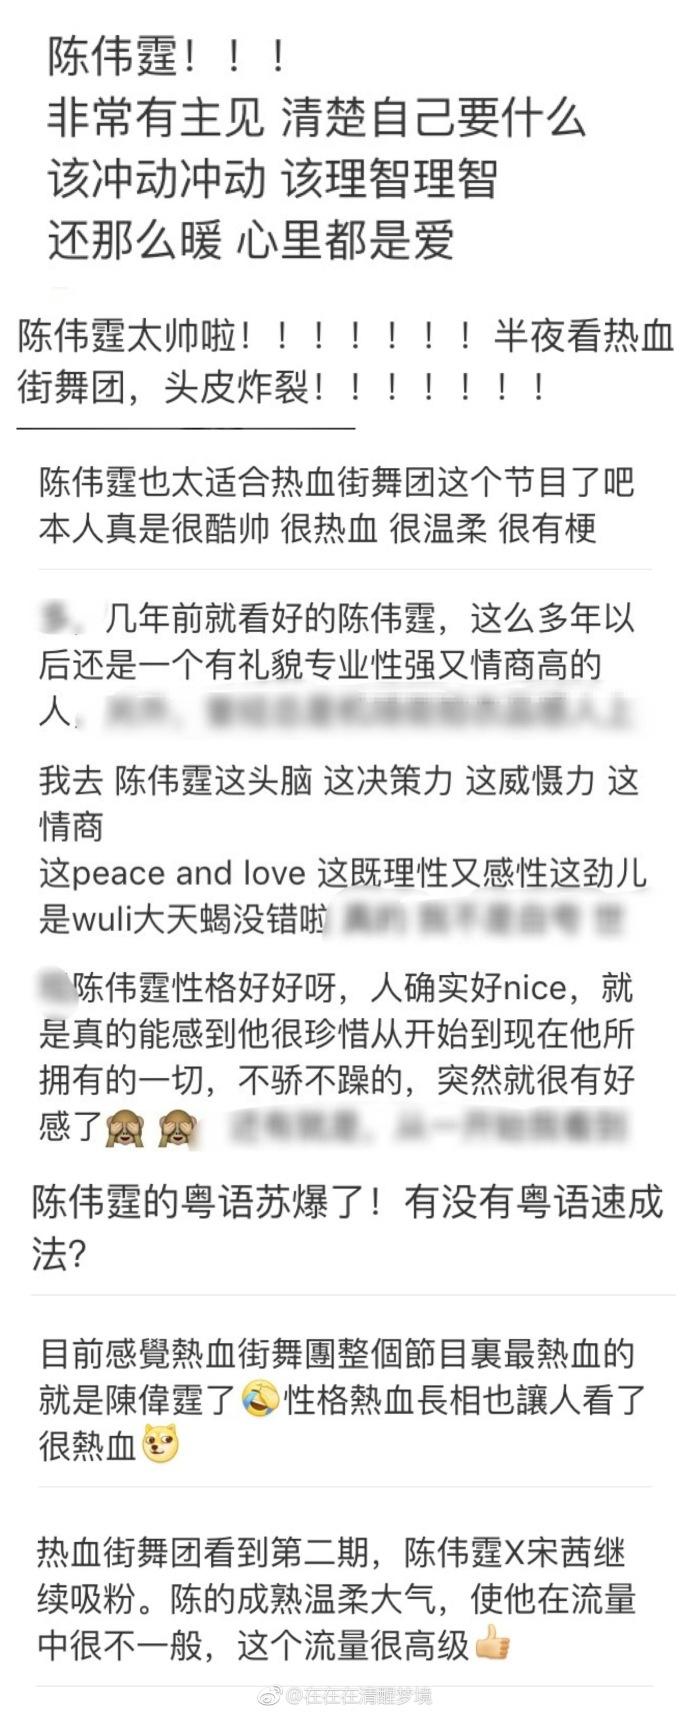 陈伟霆 这就是爱 微博热搜 图1